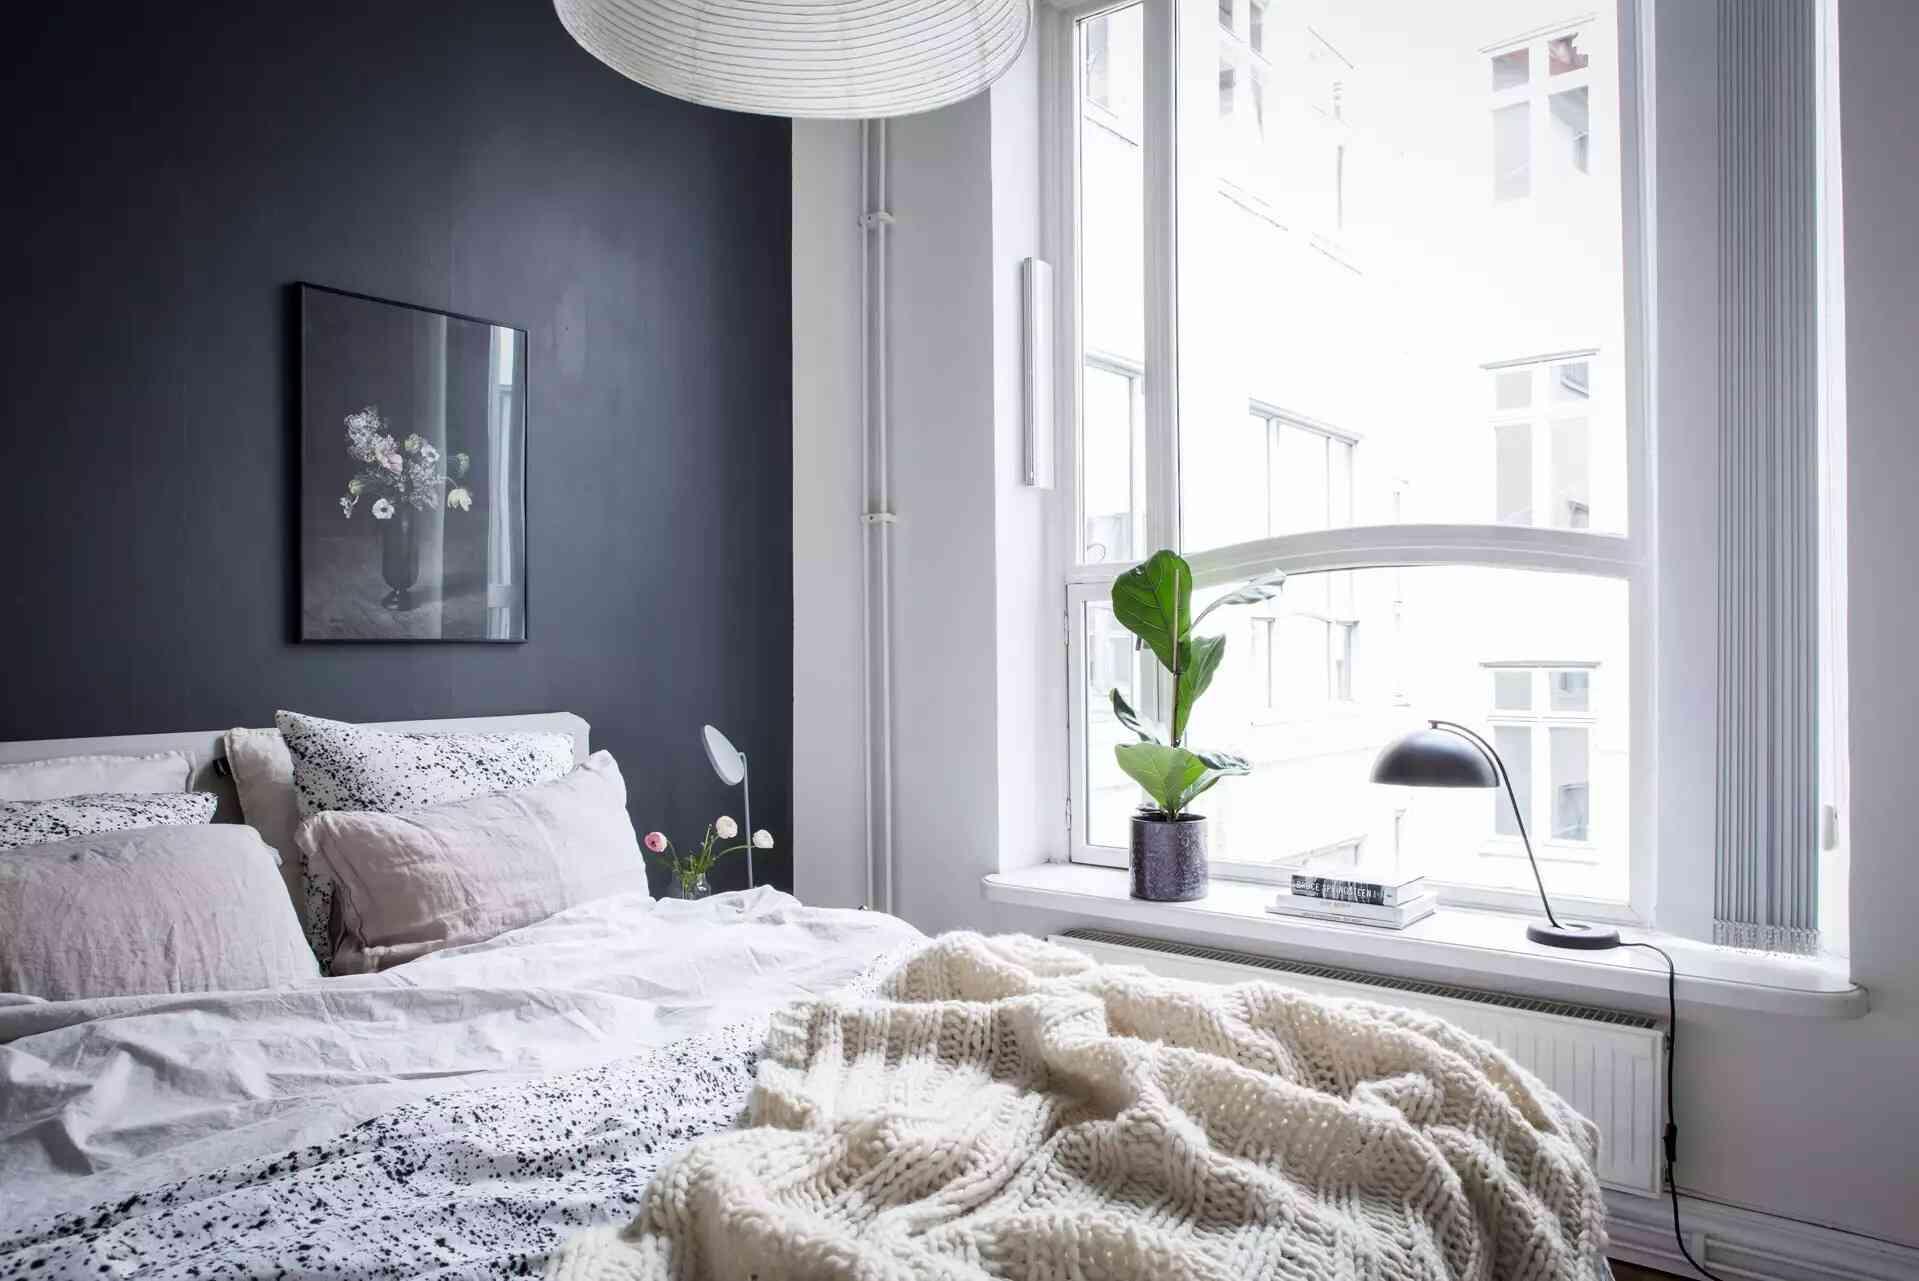 trang trí phòng ngủ màu đen